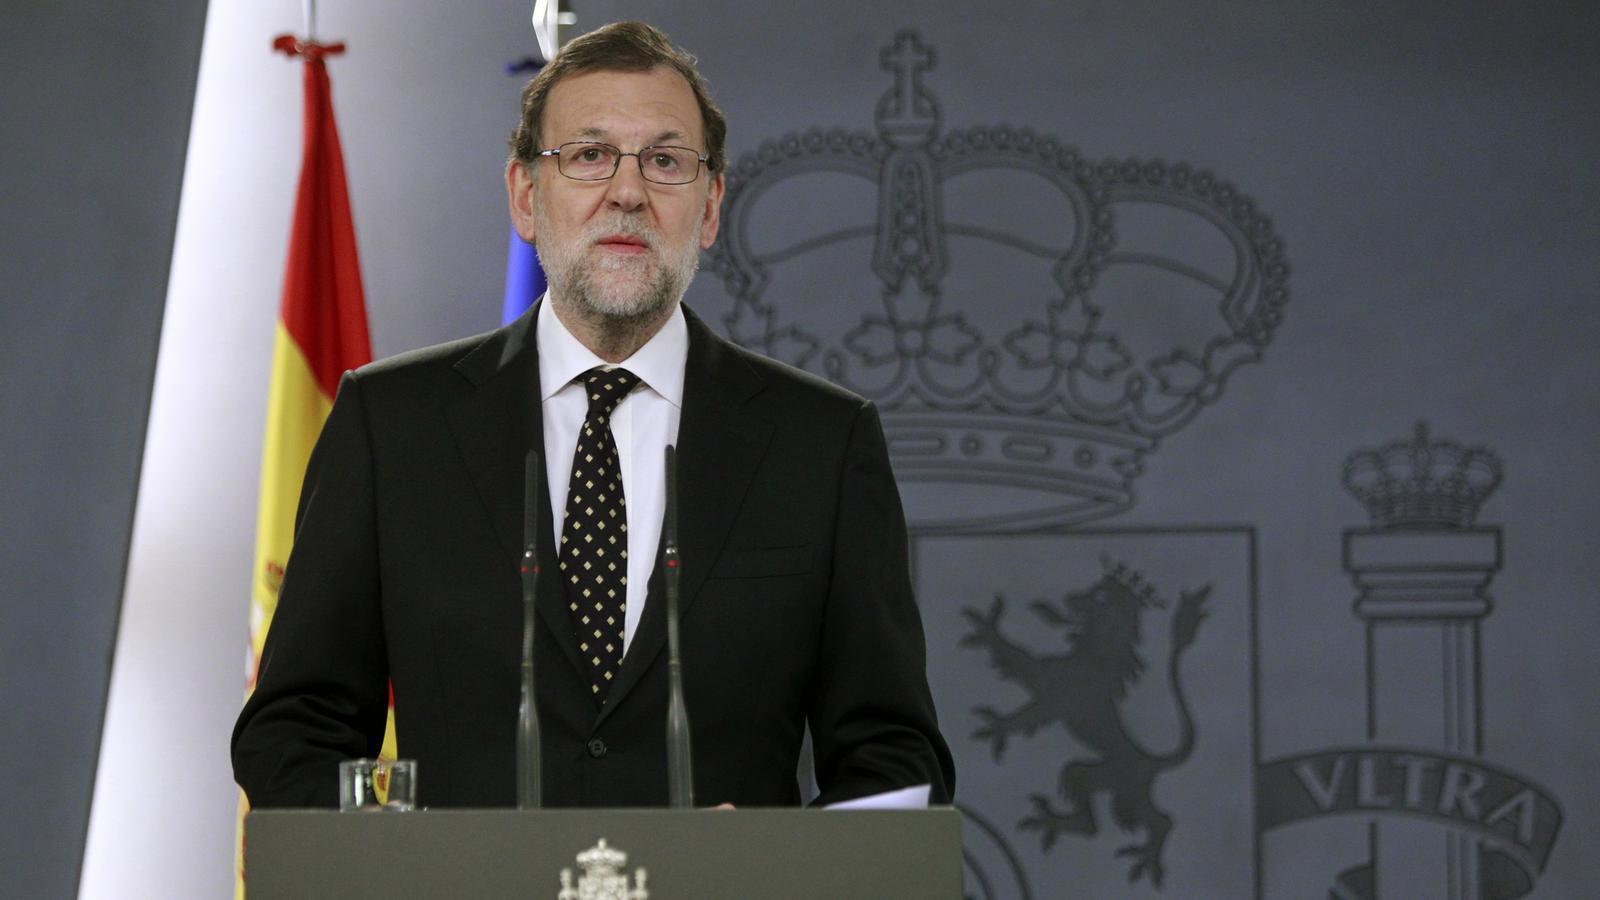 Compareixença de Rajoy des de la Moncloa